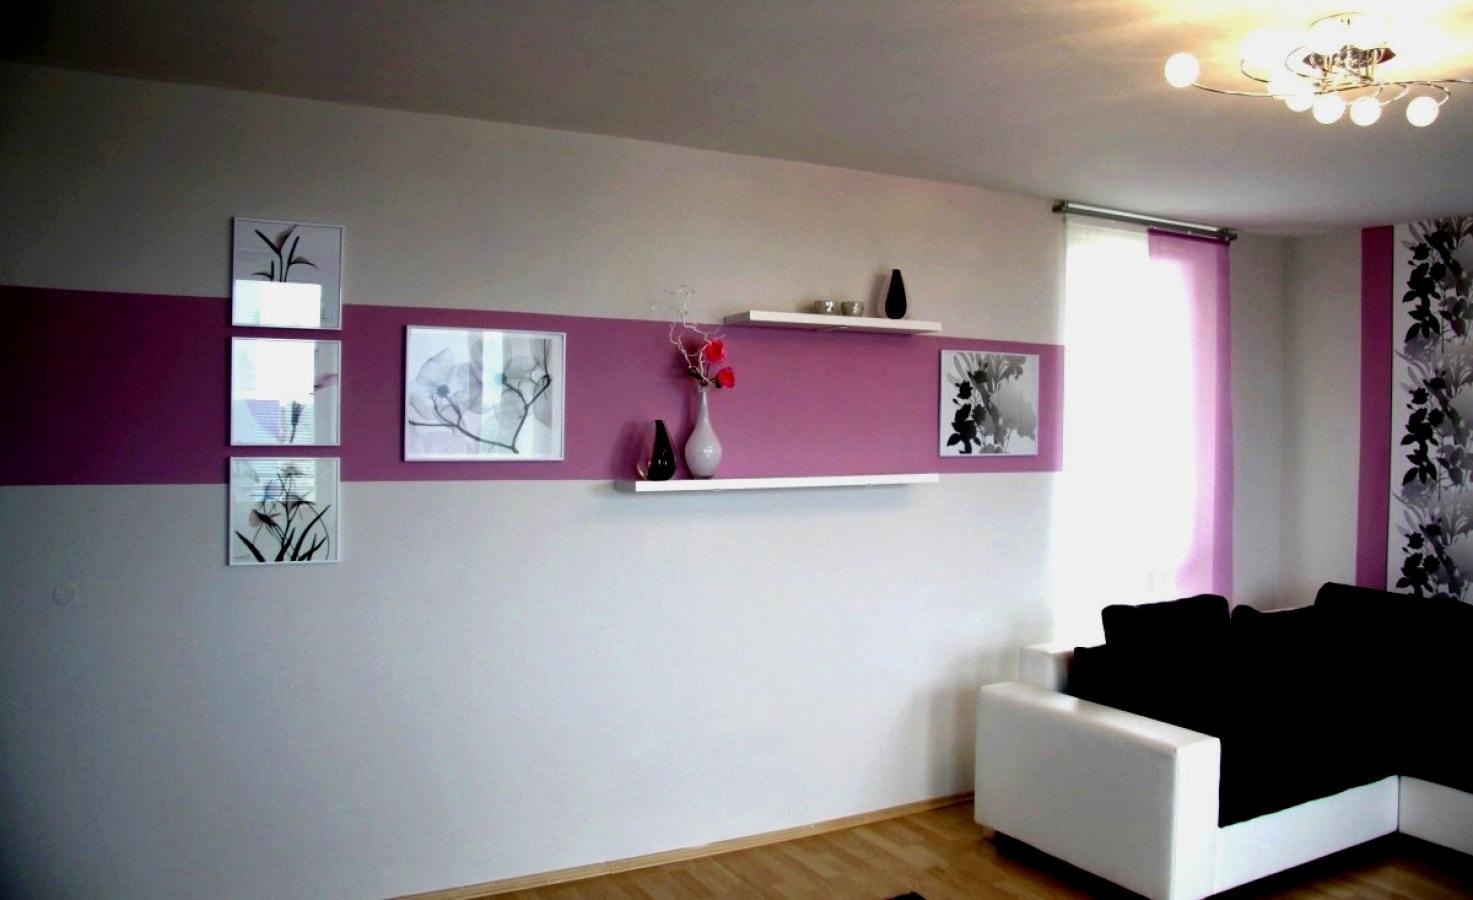 wandfarben ideen streifen mit inspiration sammlung von wandgestaltung streifen beispiele 20 und wandgestaltung streifen beispiele frisch wohnzimmer ideen wandgestaltung of wandgestaltung streifen beis